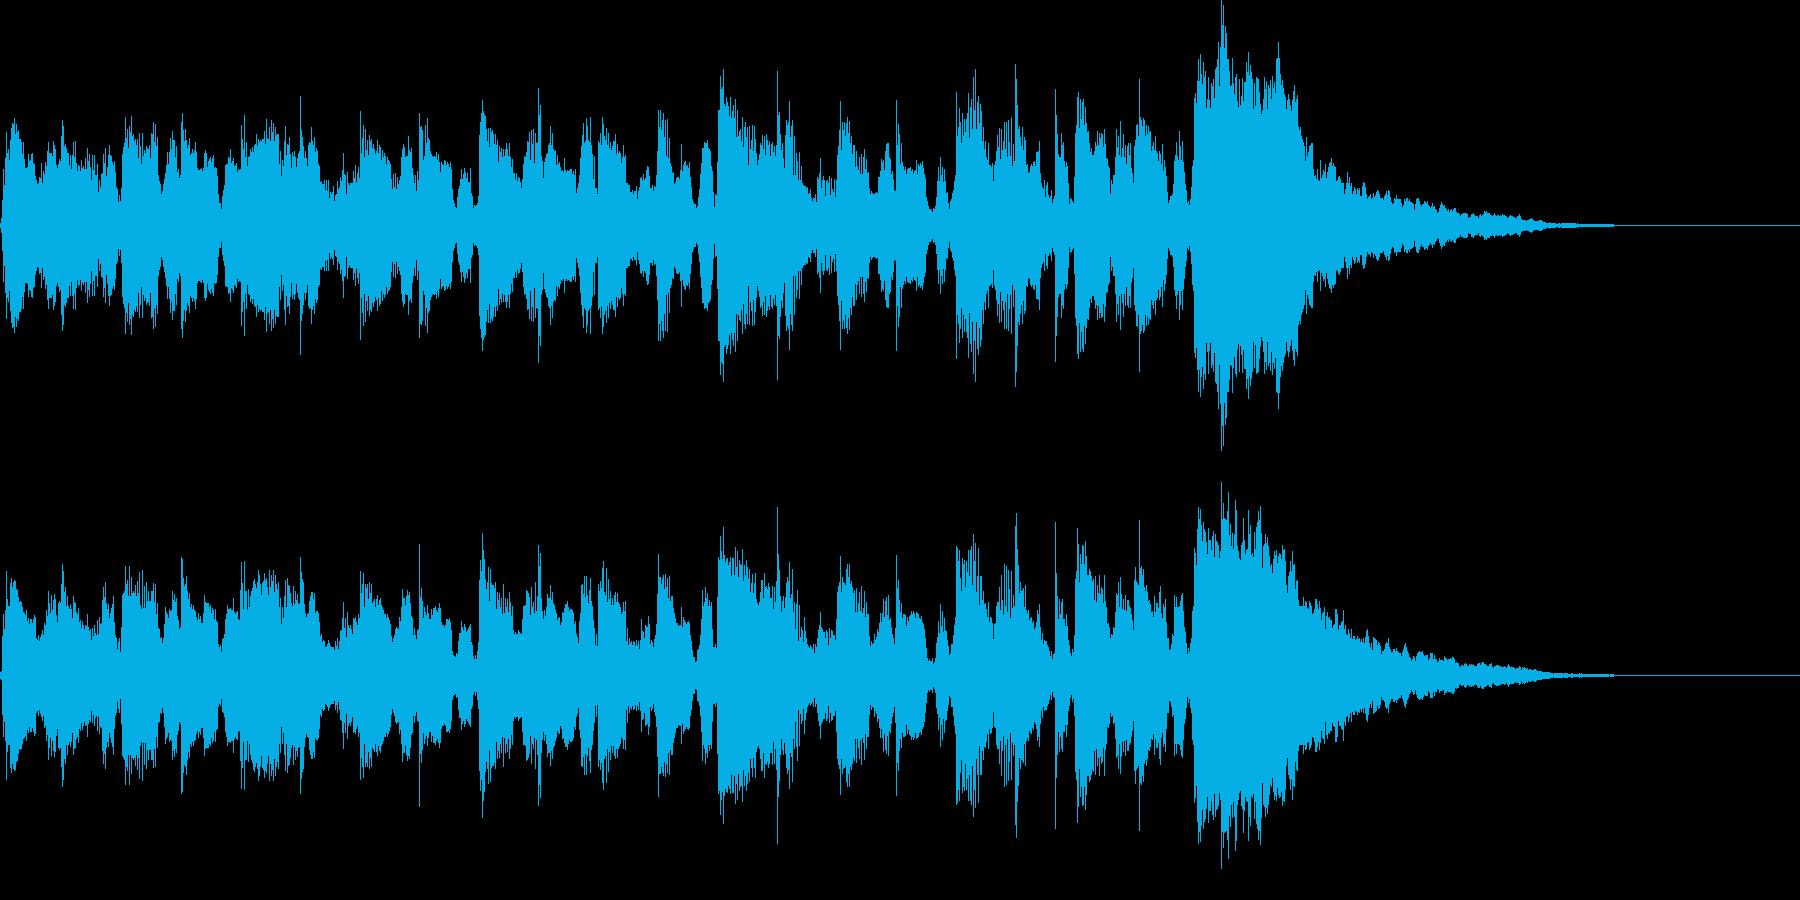 元気でルンルンな11秒のサウンドロゴの再生済みの波形